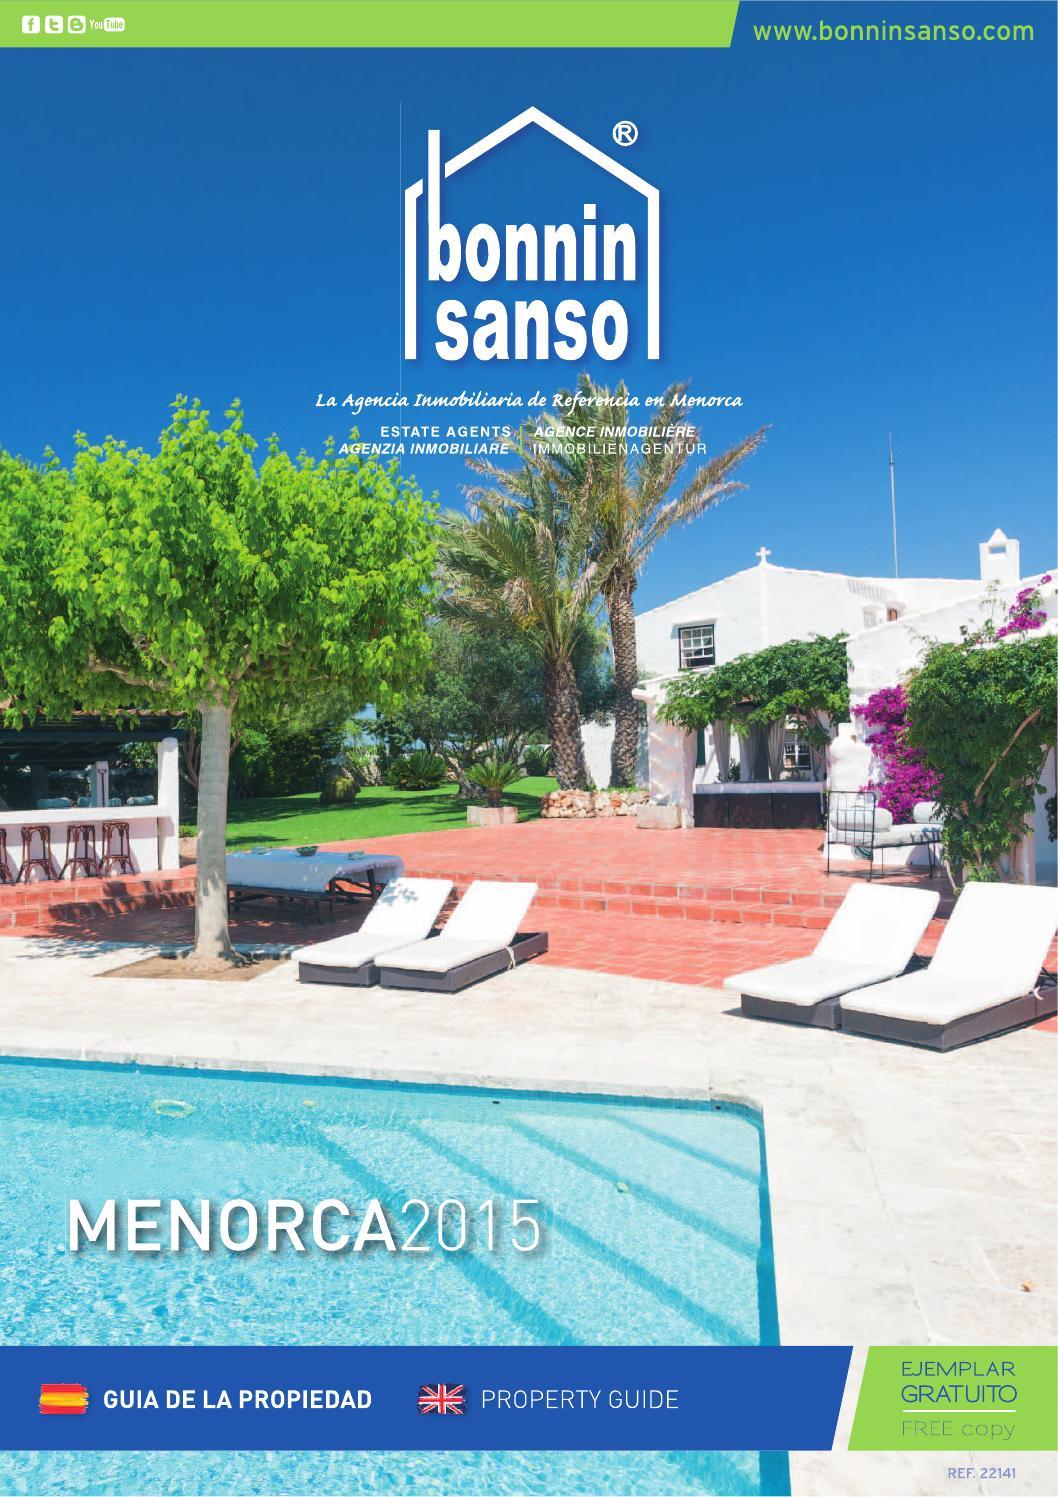 Bonnin sanso property guide 2015 by bonnin sanso estate - Bonnin sanso menorca ...